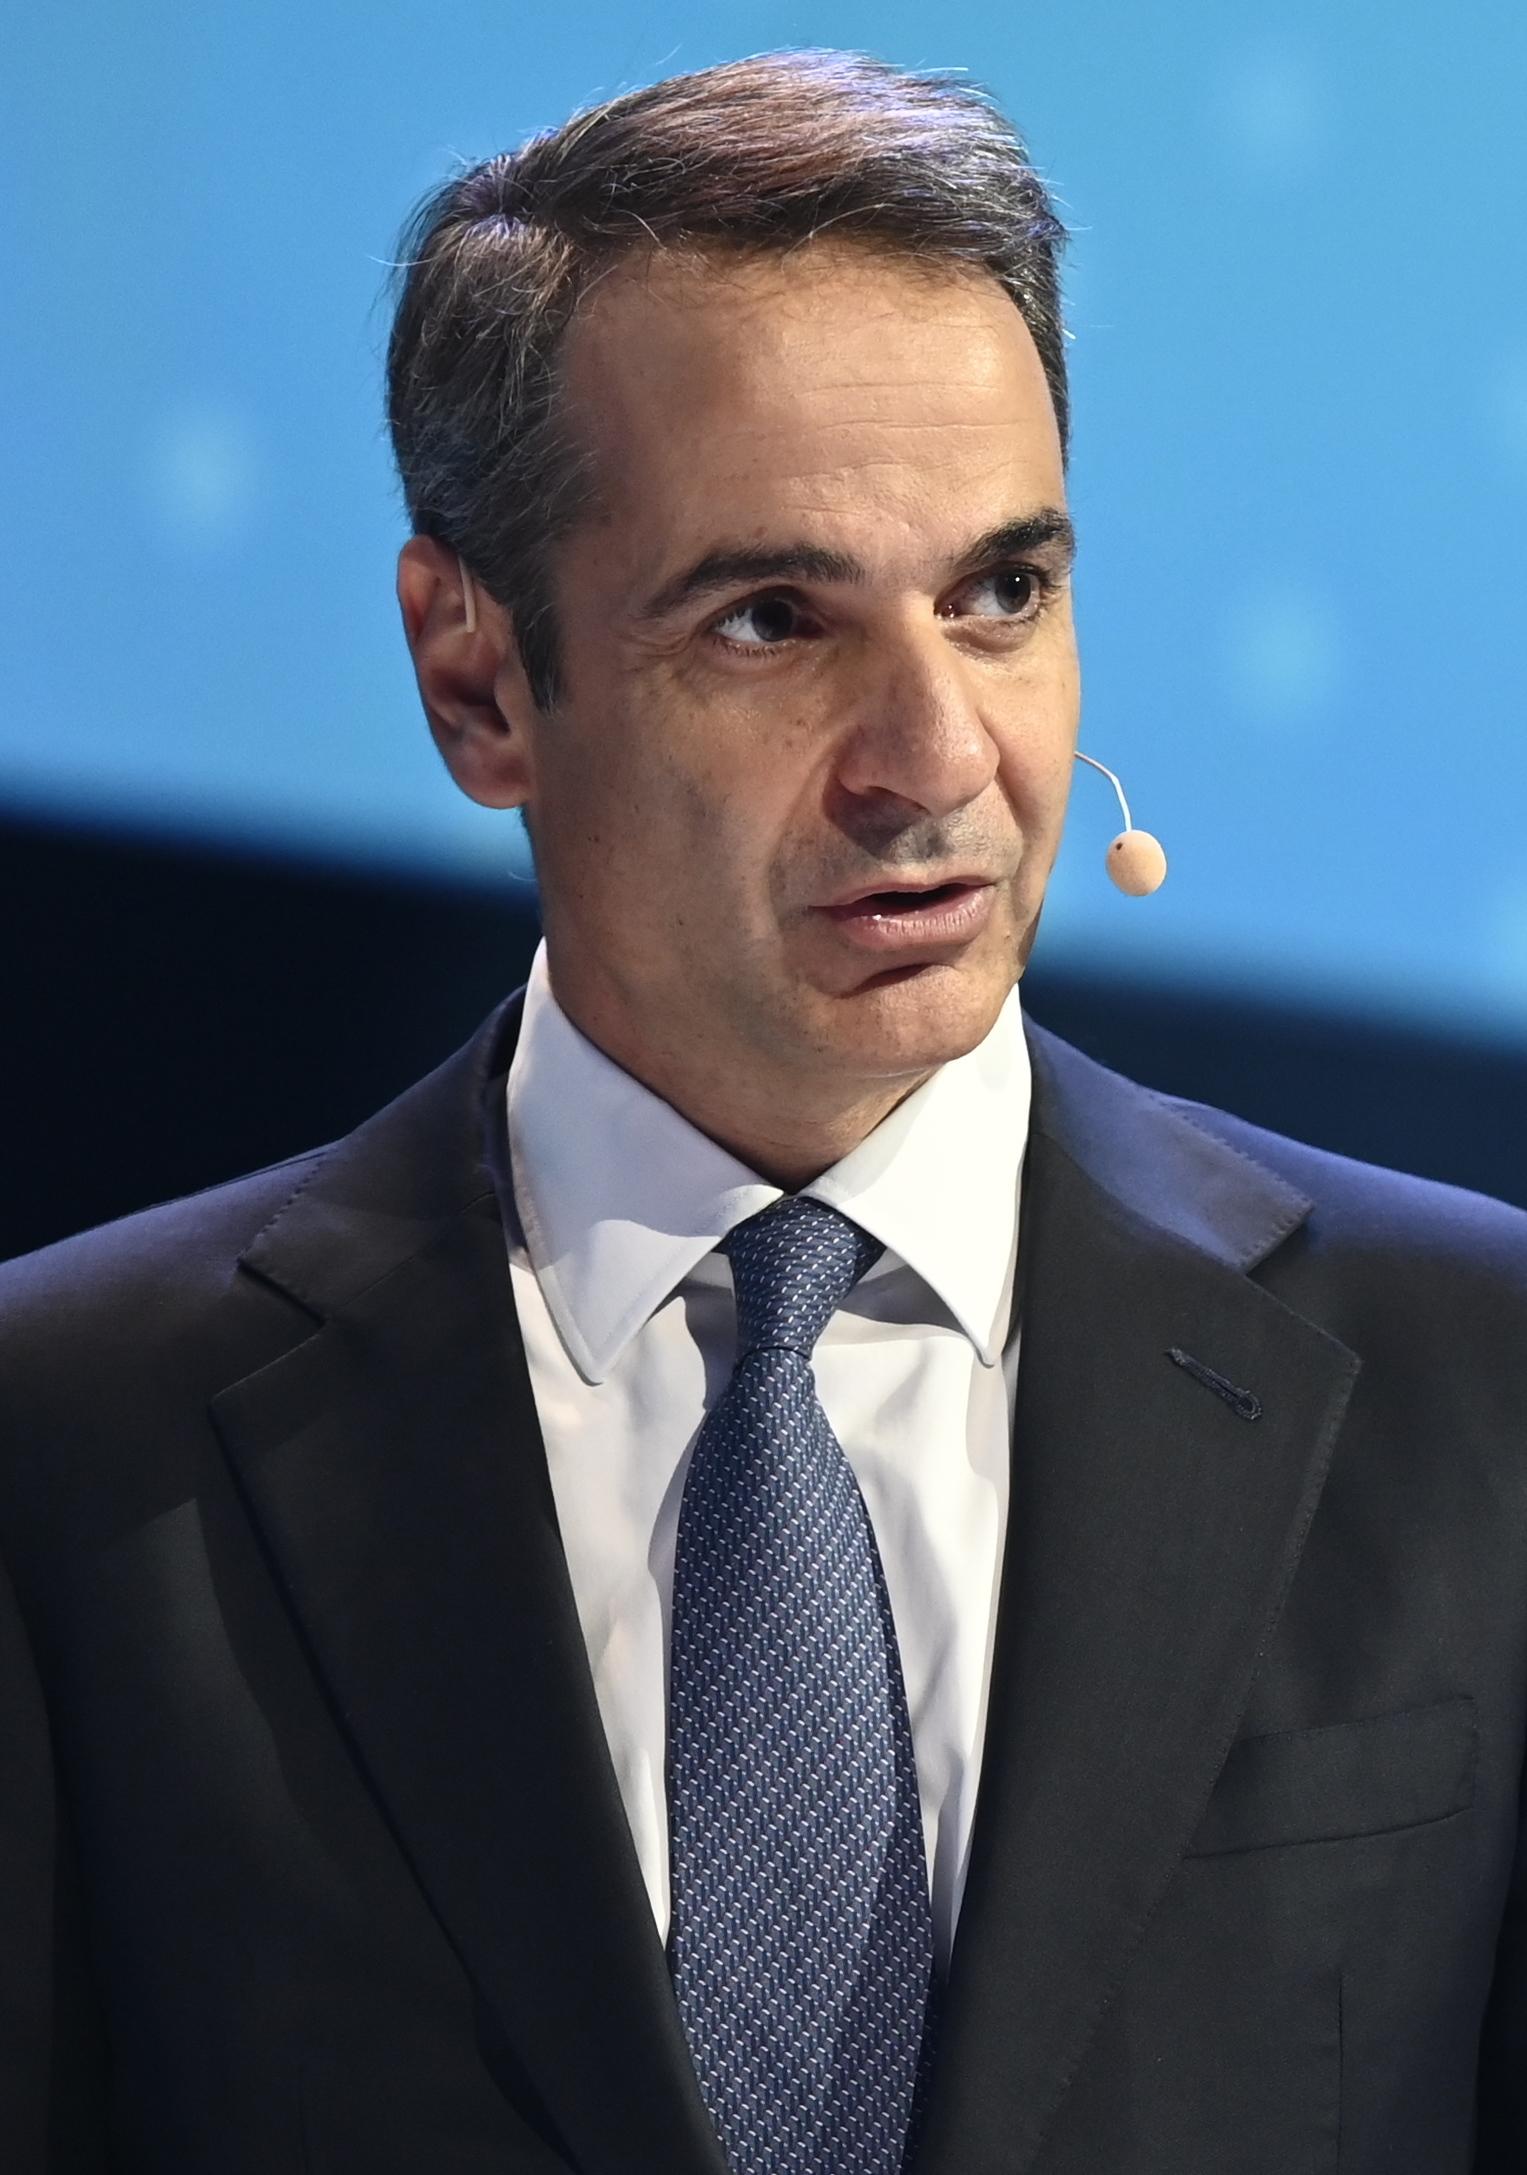 Kyriakos Mitsotakis Wikipedia